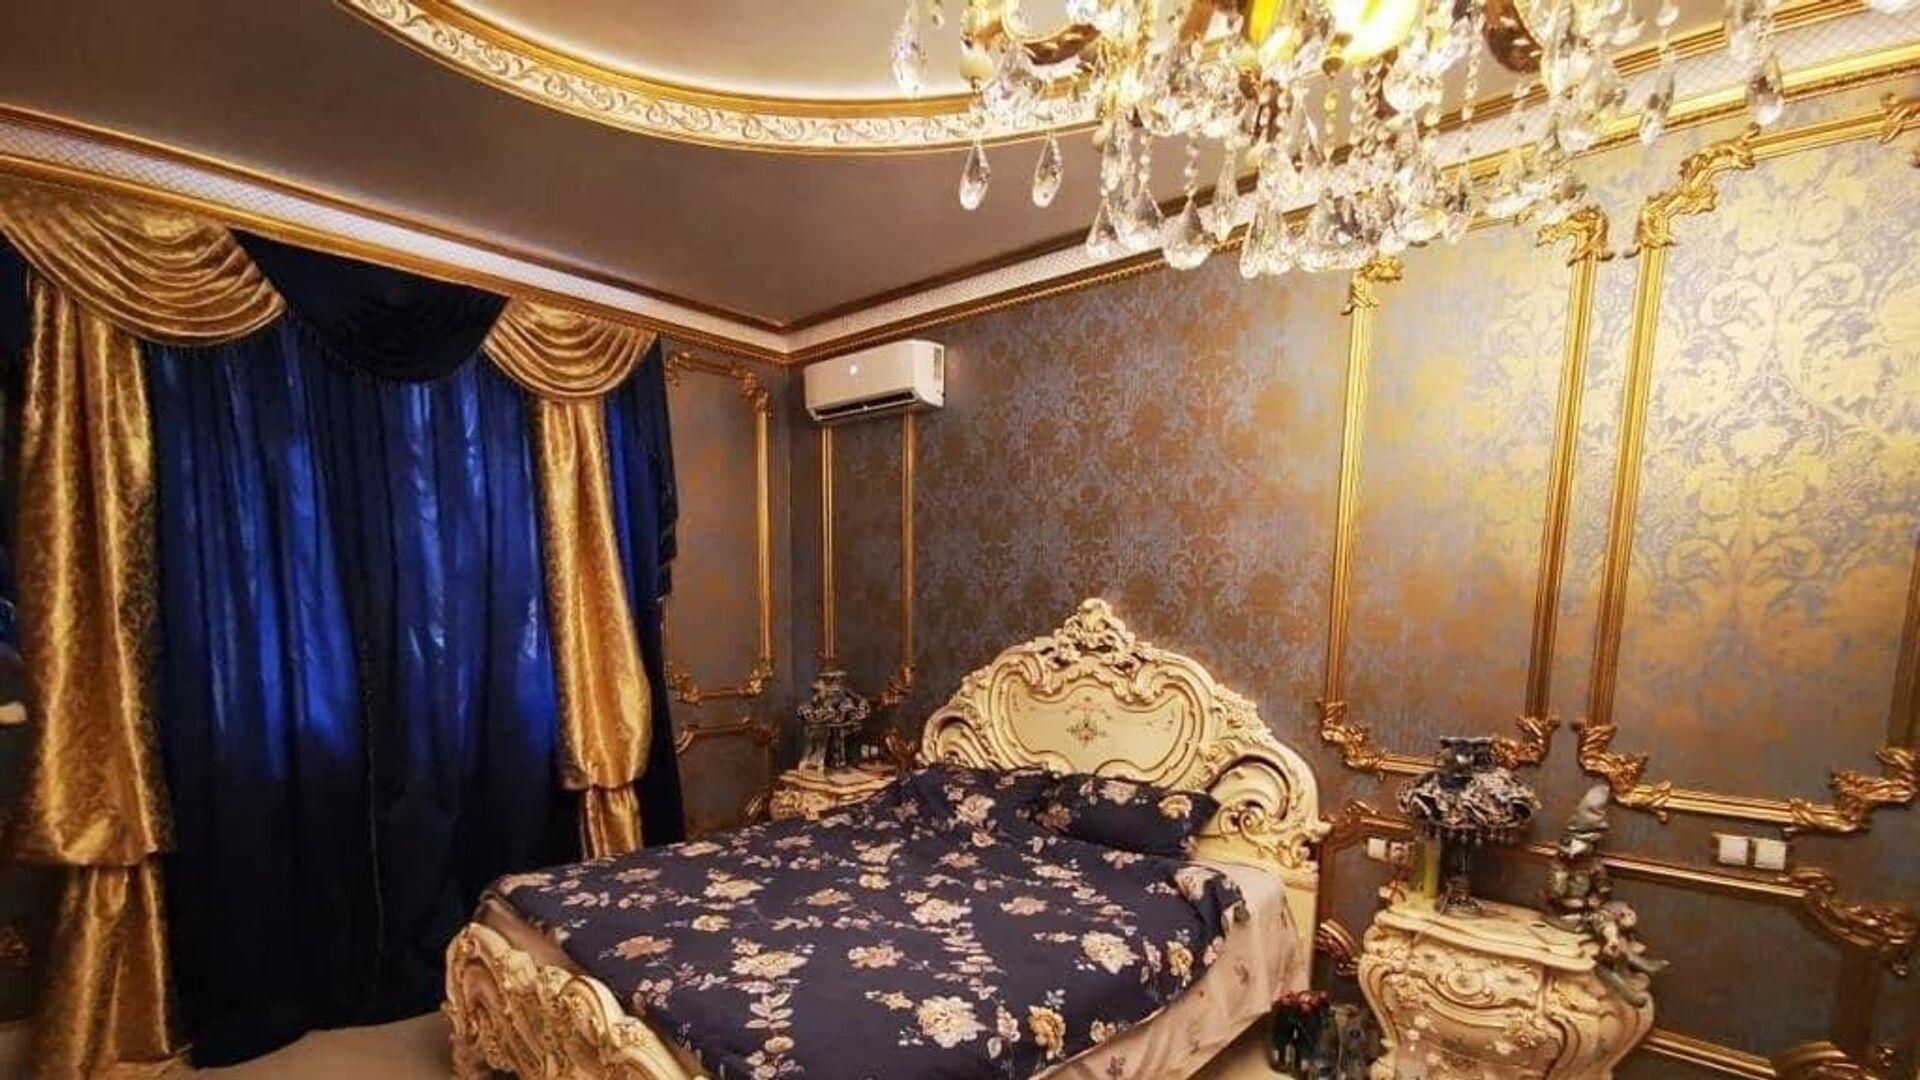 Спальня в доме главы ГИБДД по Ставропольскому краю Алексея Сафонова - РИА Новости, 1920, 21.07.2021